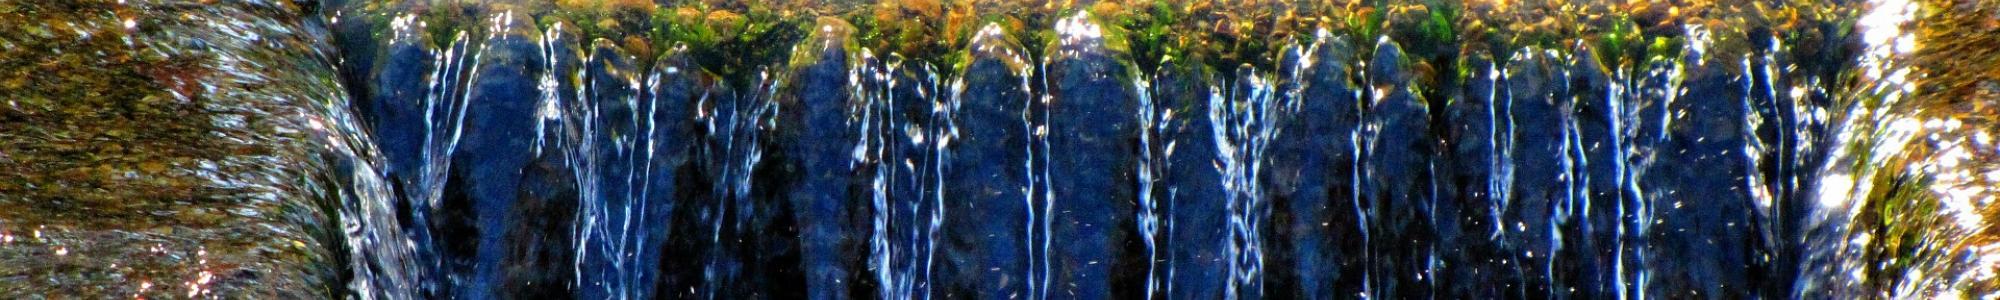 Immagine rappresentativa dei rifiuti